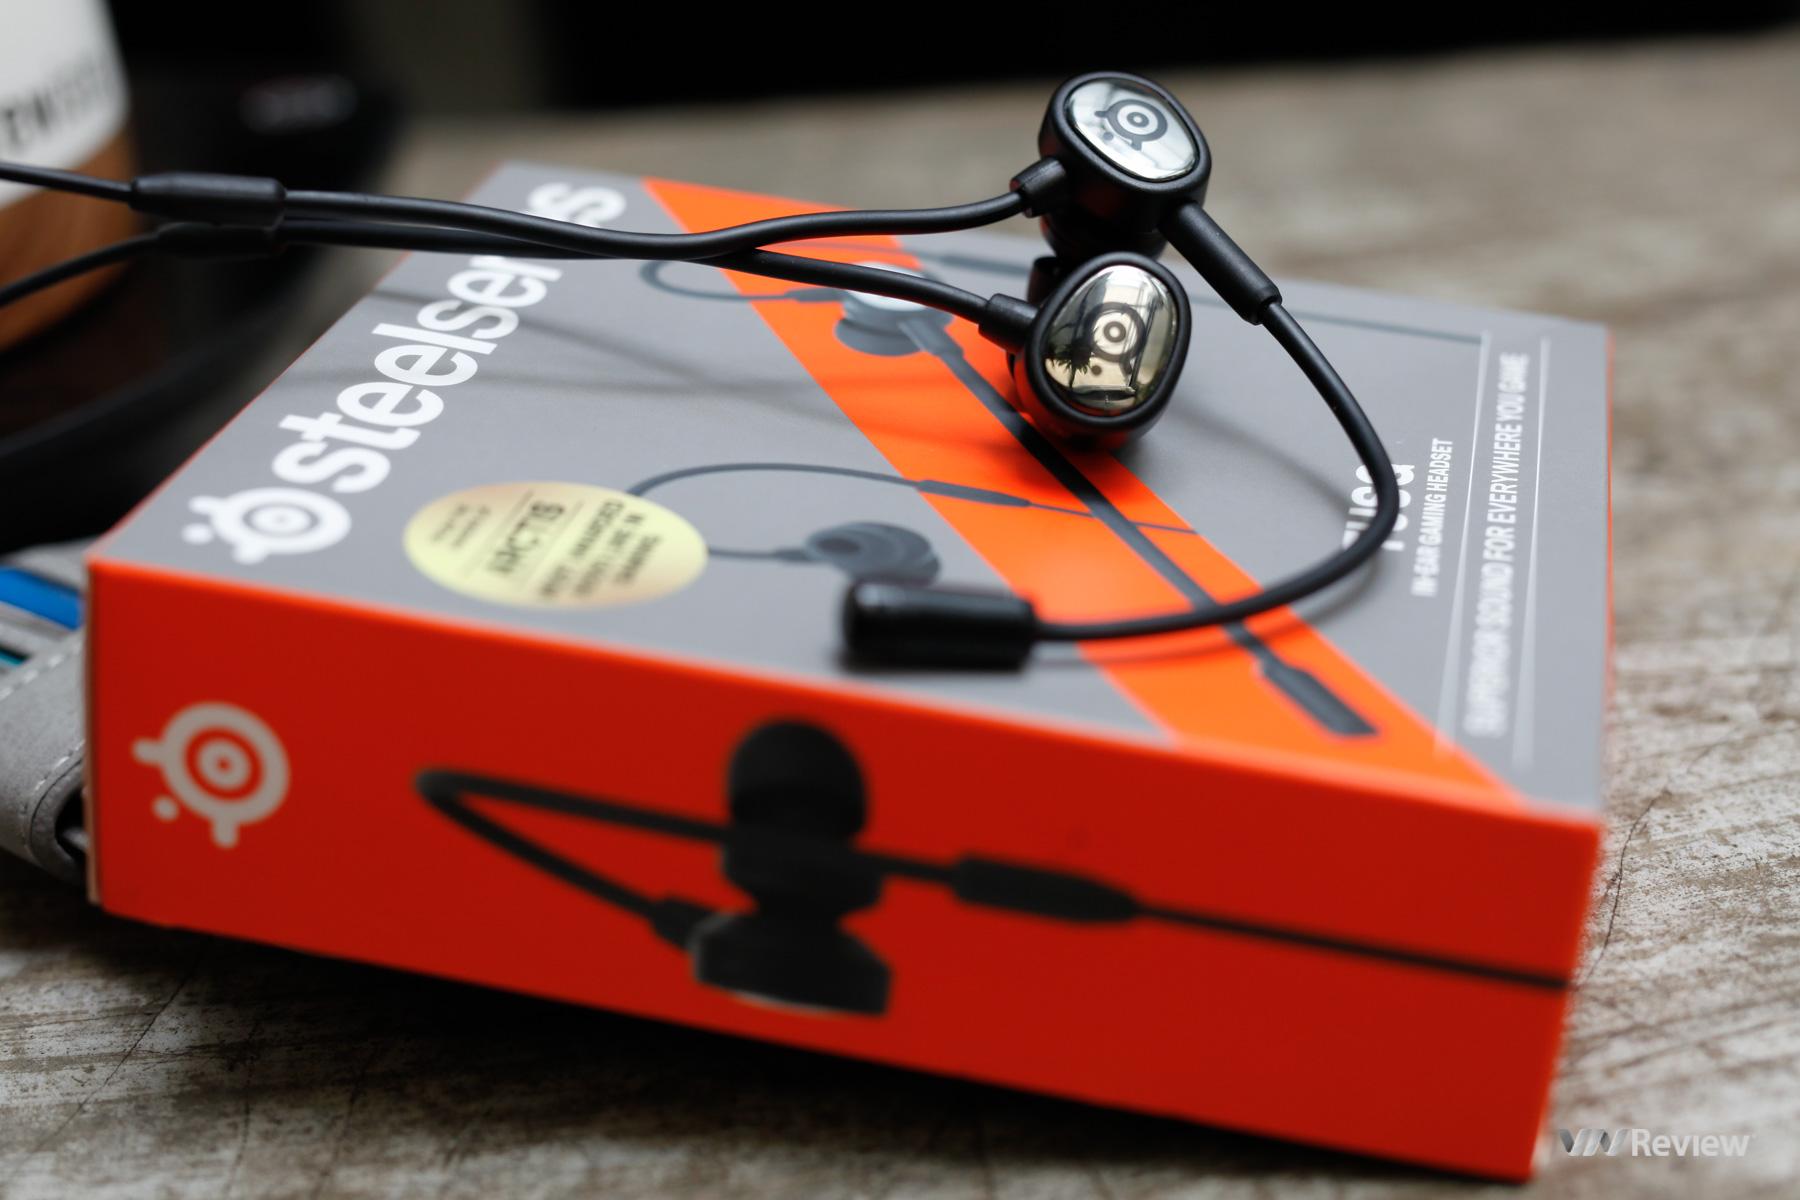 Đánh giá SteelSeries TUSQ: Chiếc tai nghe in-ear phục vụ nhu cầu chơi game di động